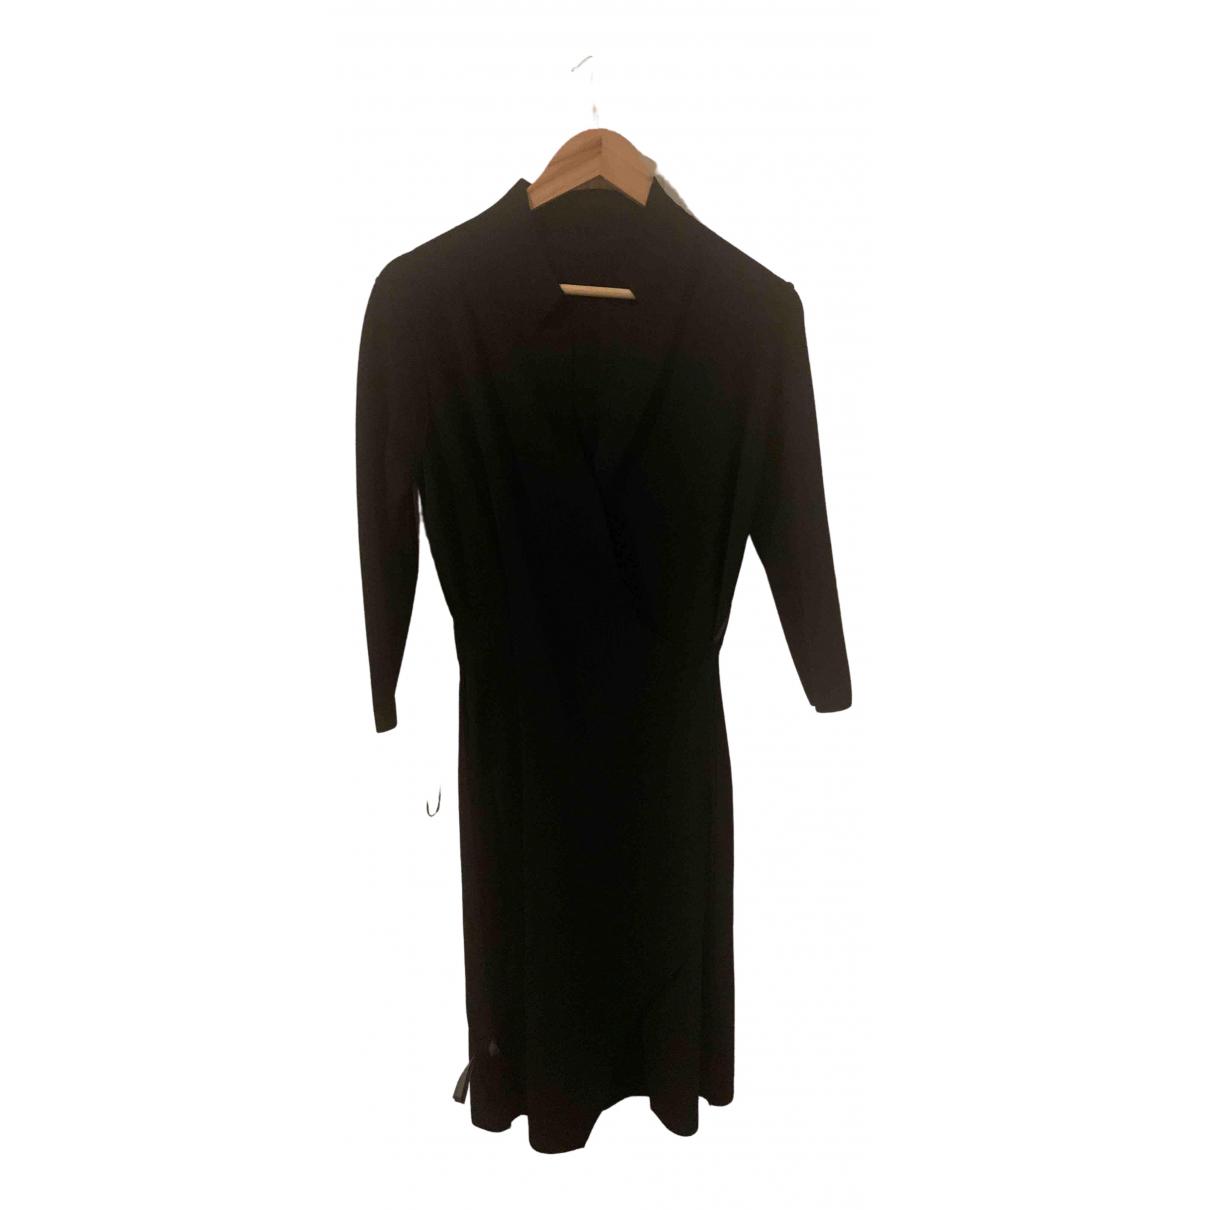 Reiss \N Black dress for Women L International